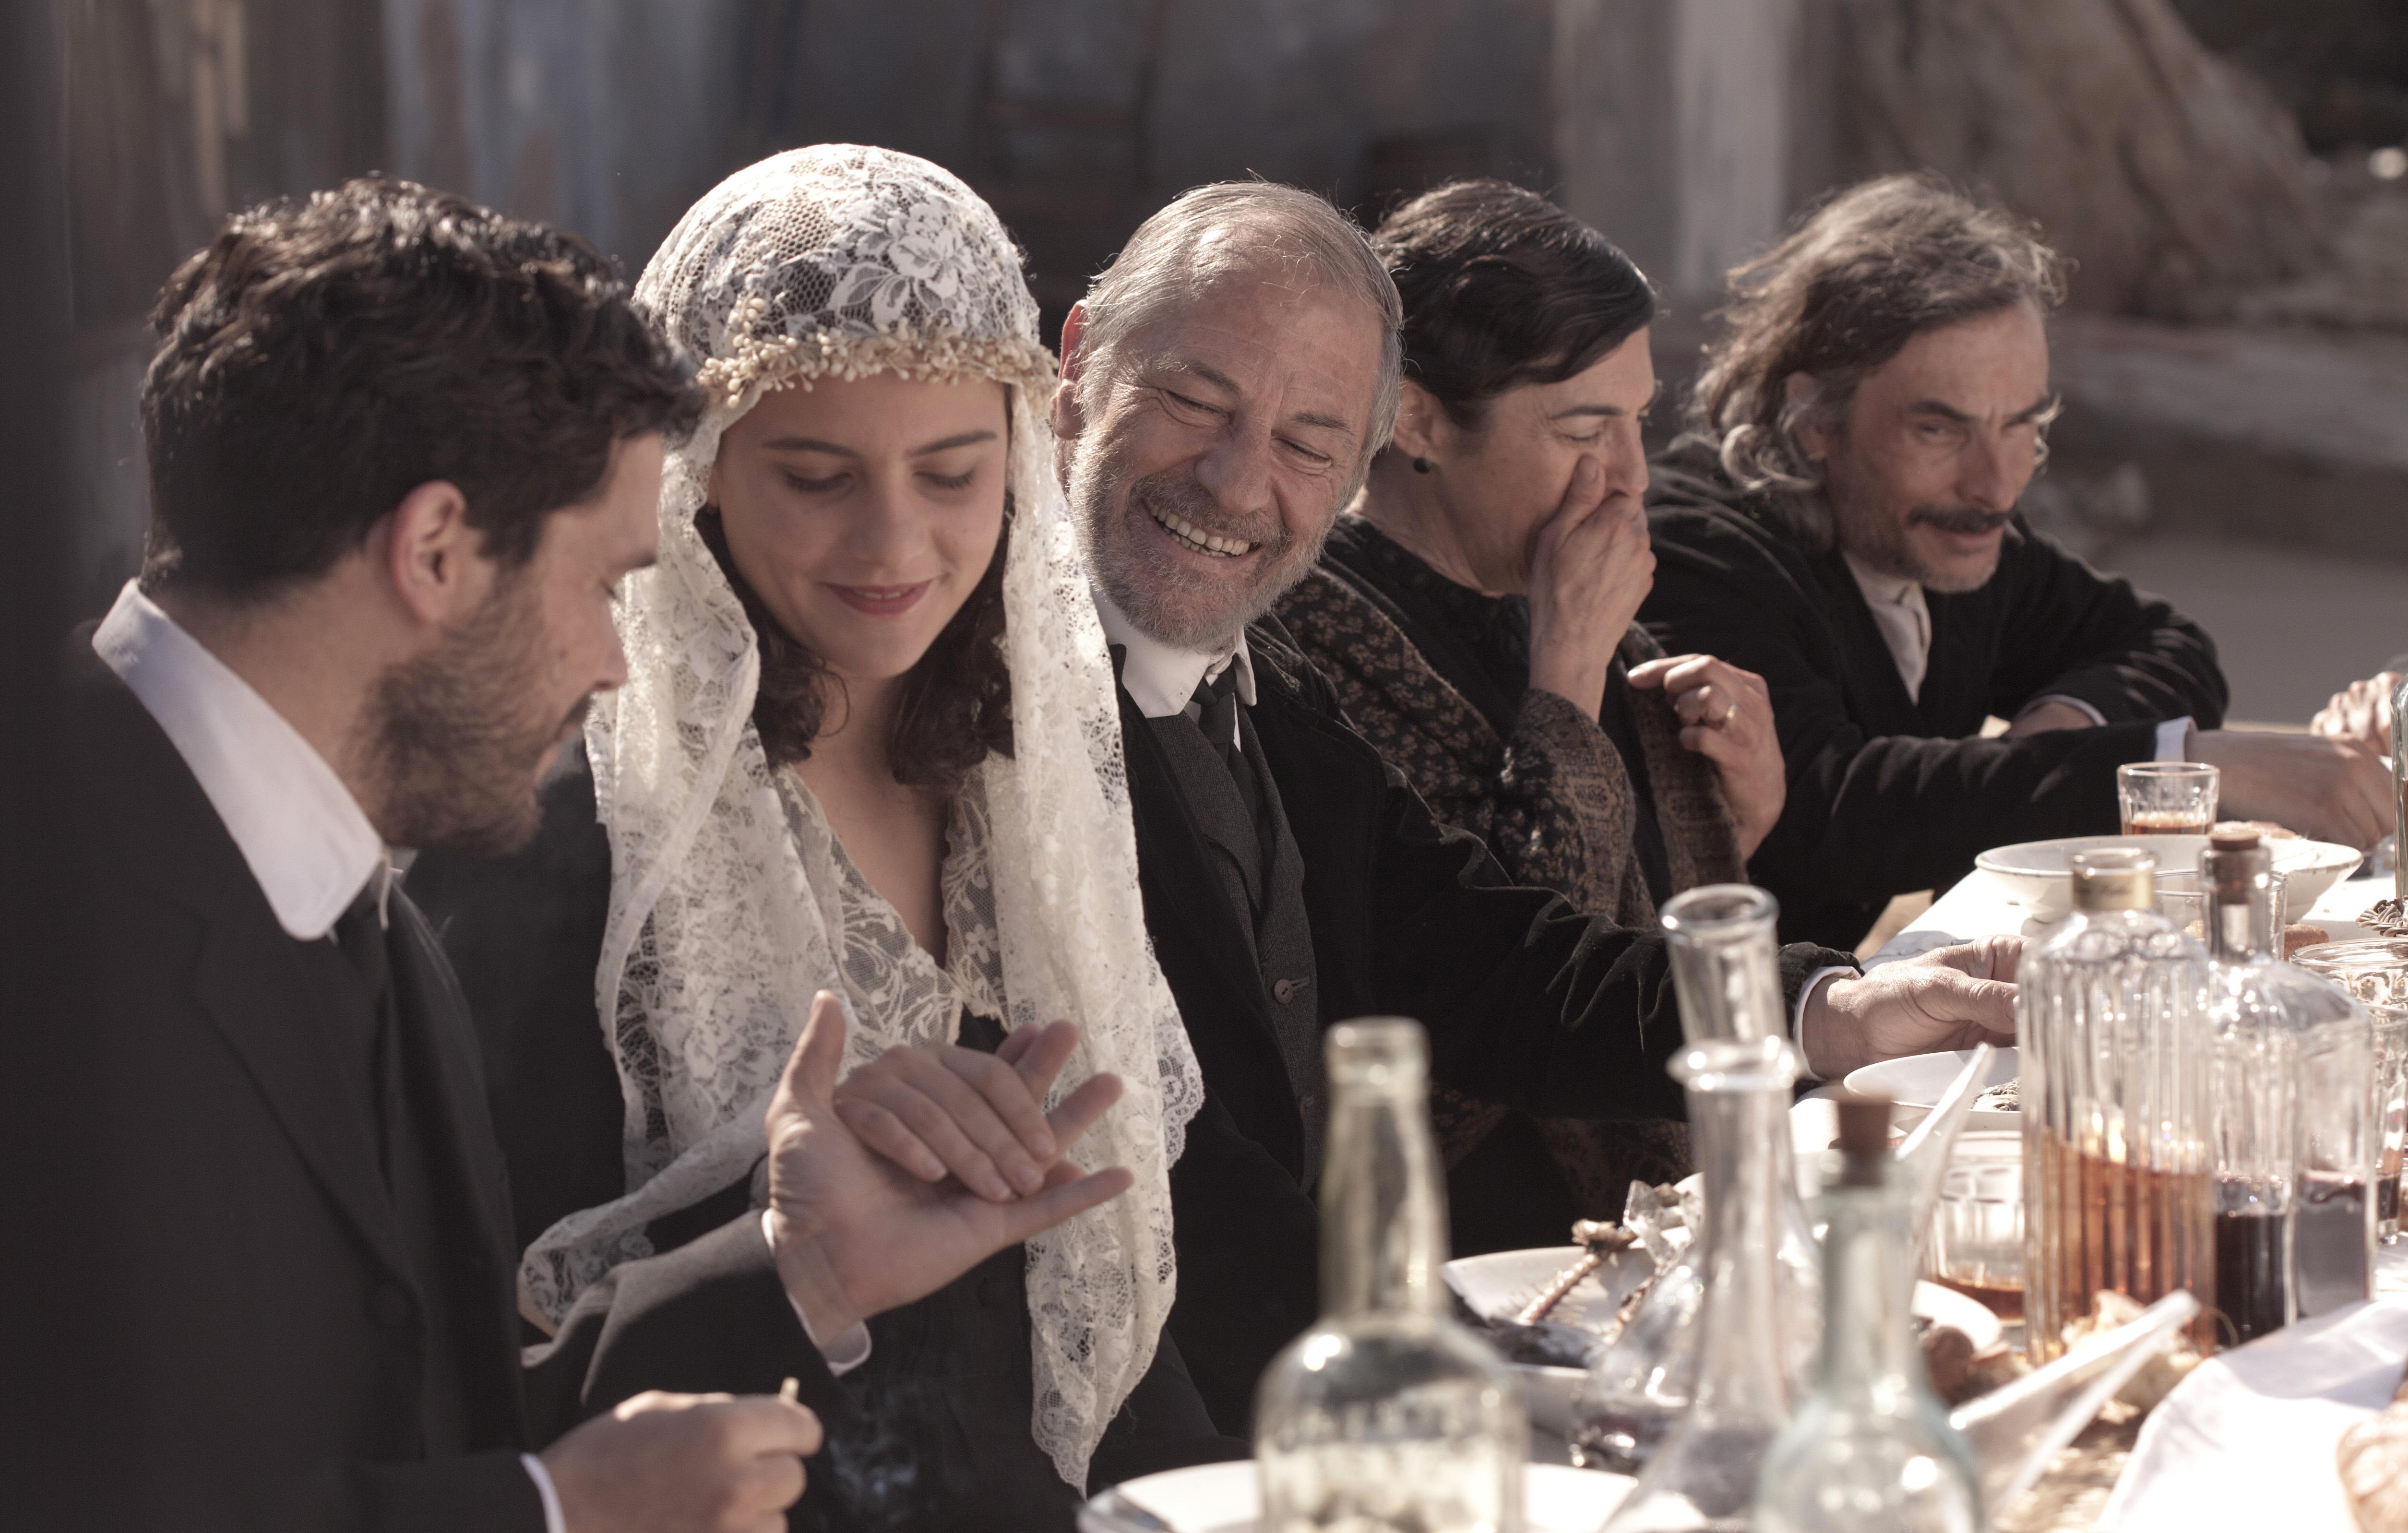 Rosa Vila, Oriol Vila, Miquel Gelabert, Jacob Torres, and Marina Comas in El cafè de la Marina (2014)